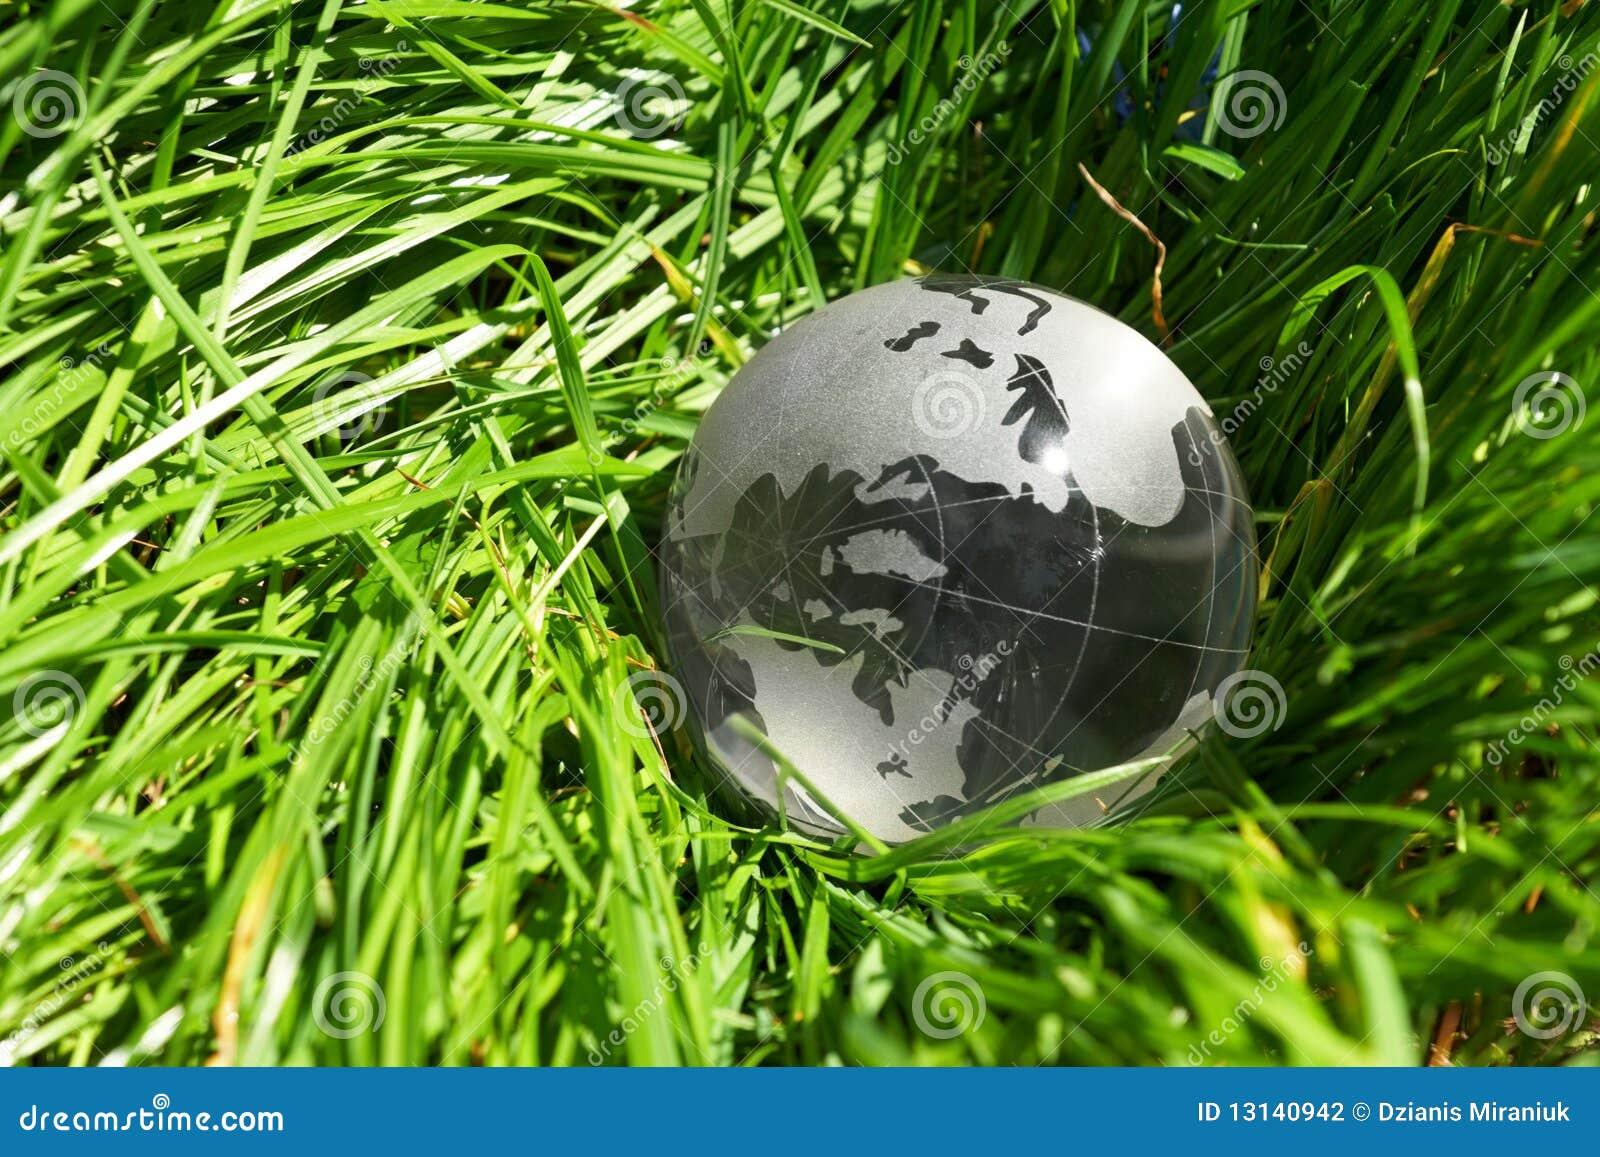 Kugel in einem Gras